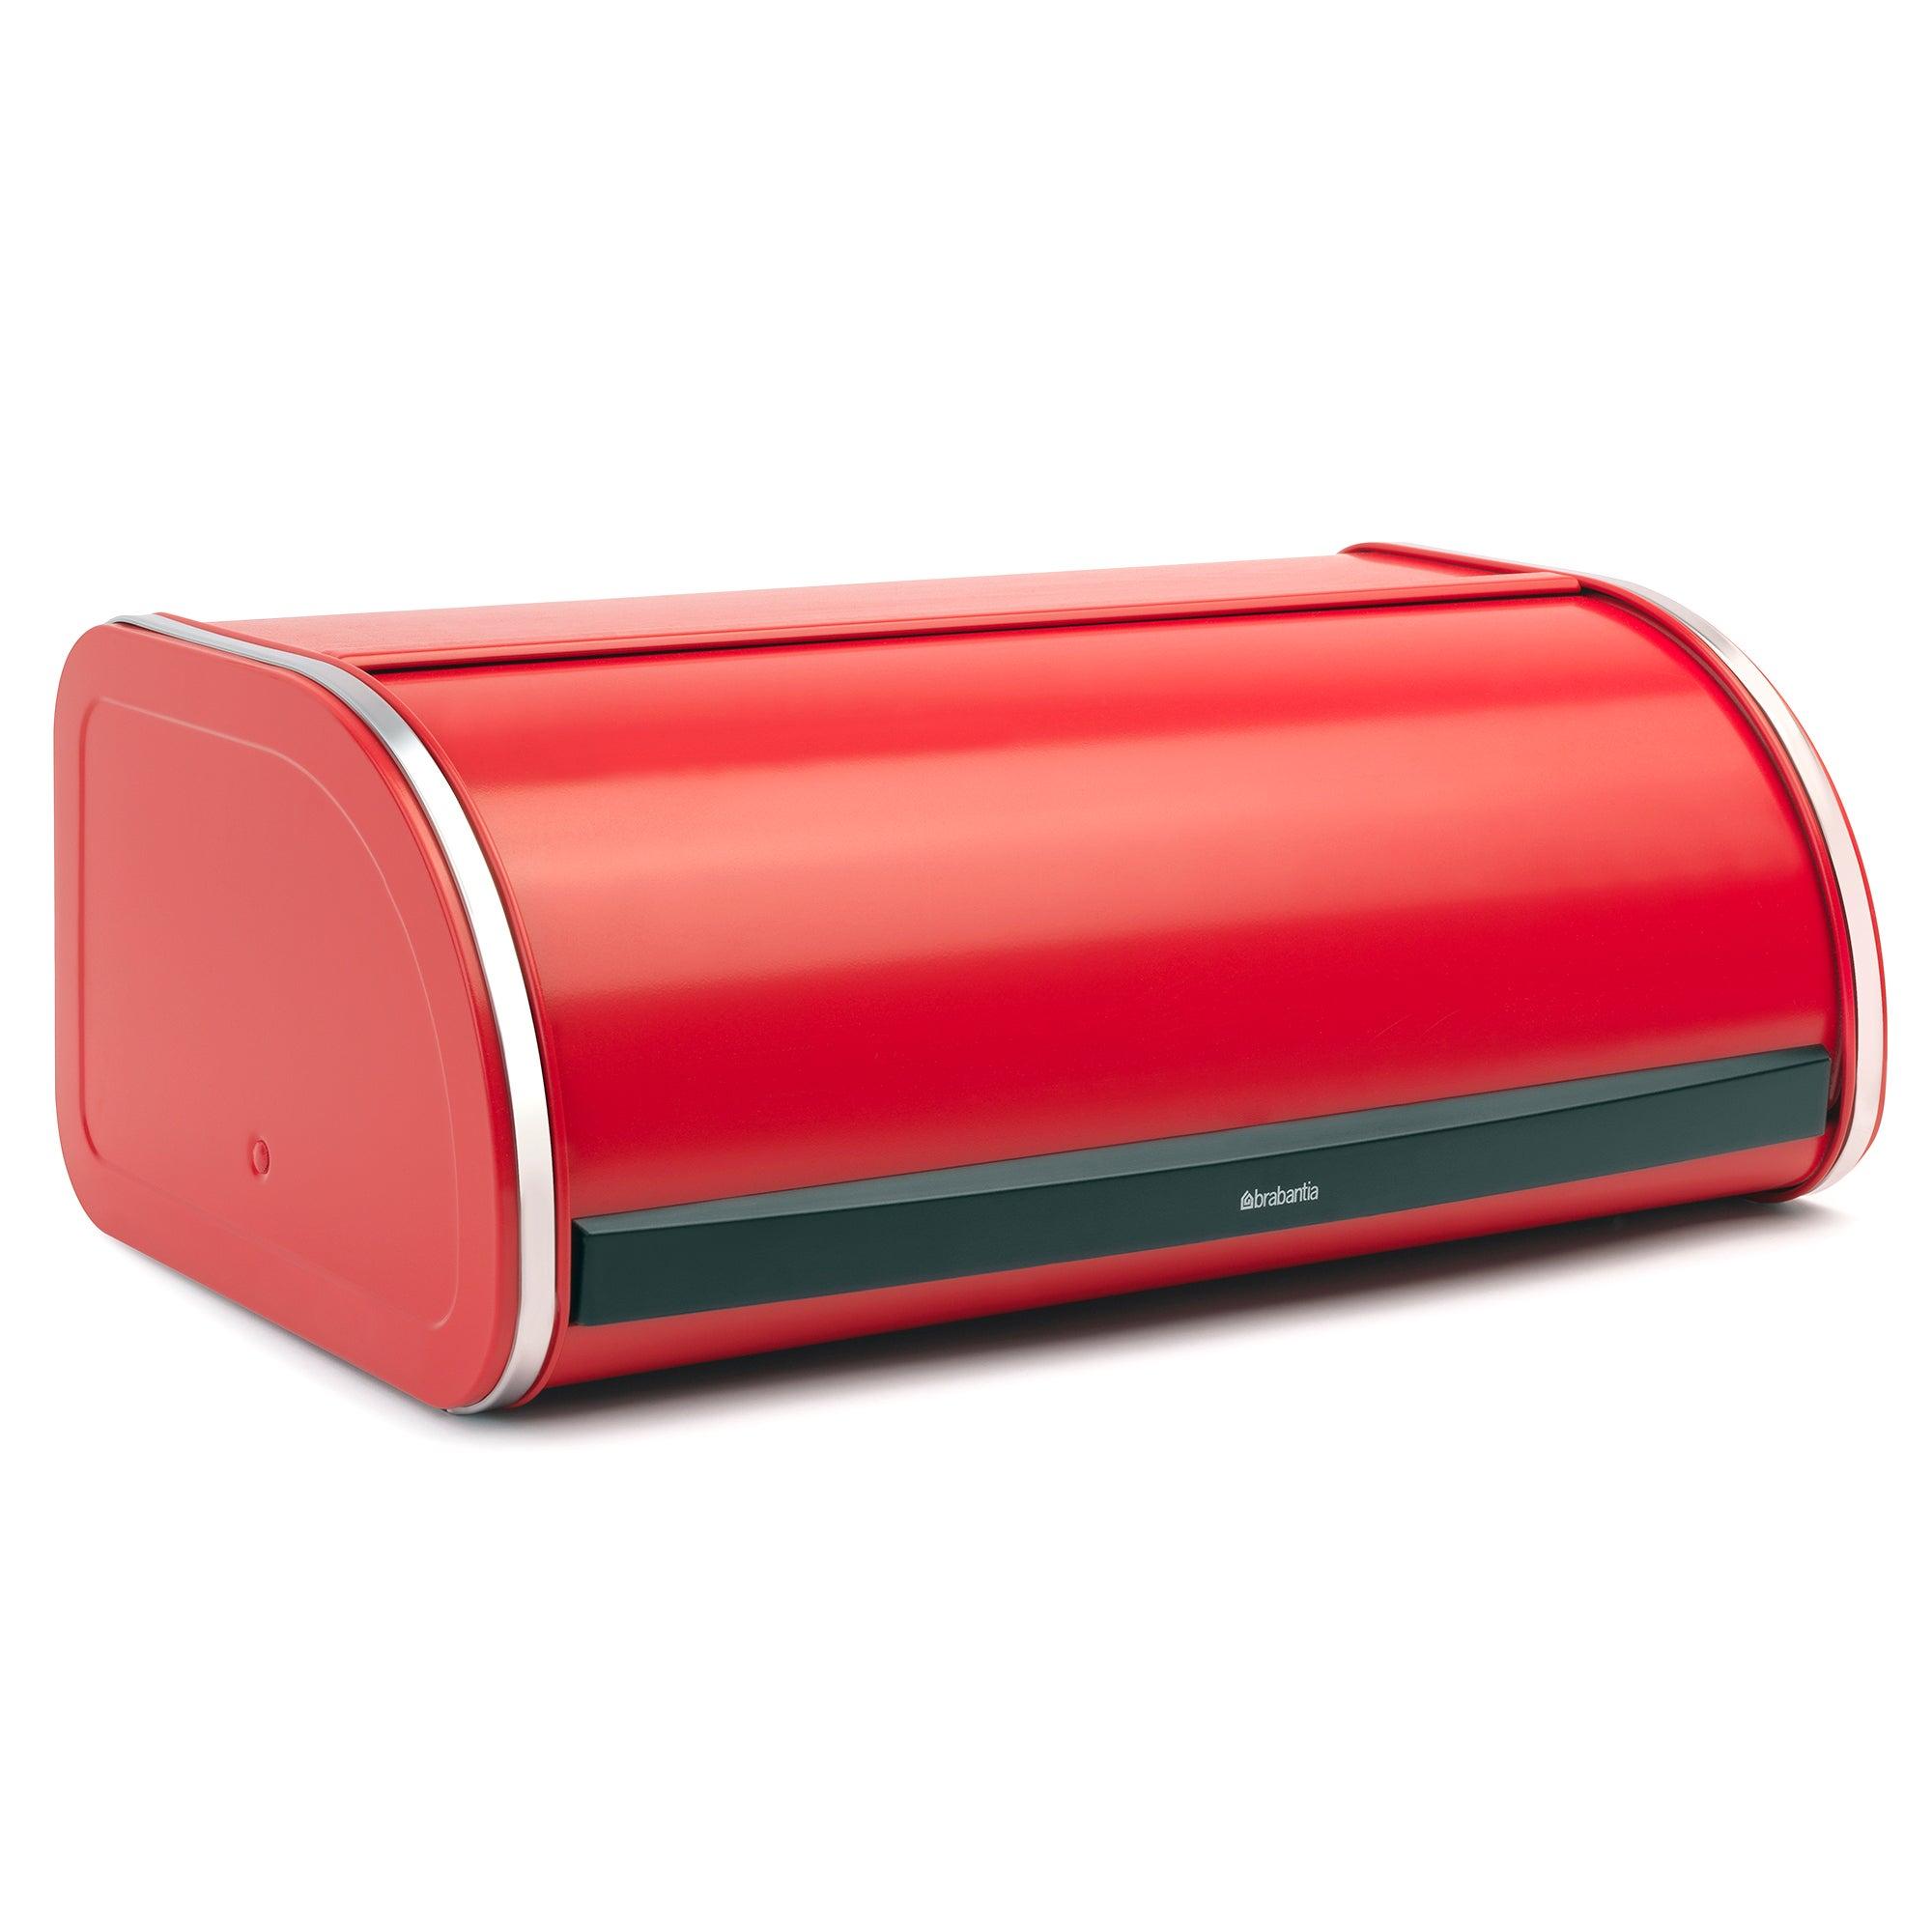 Brabantia Red Roll Top Bread Bin